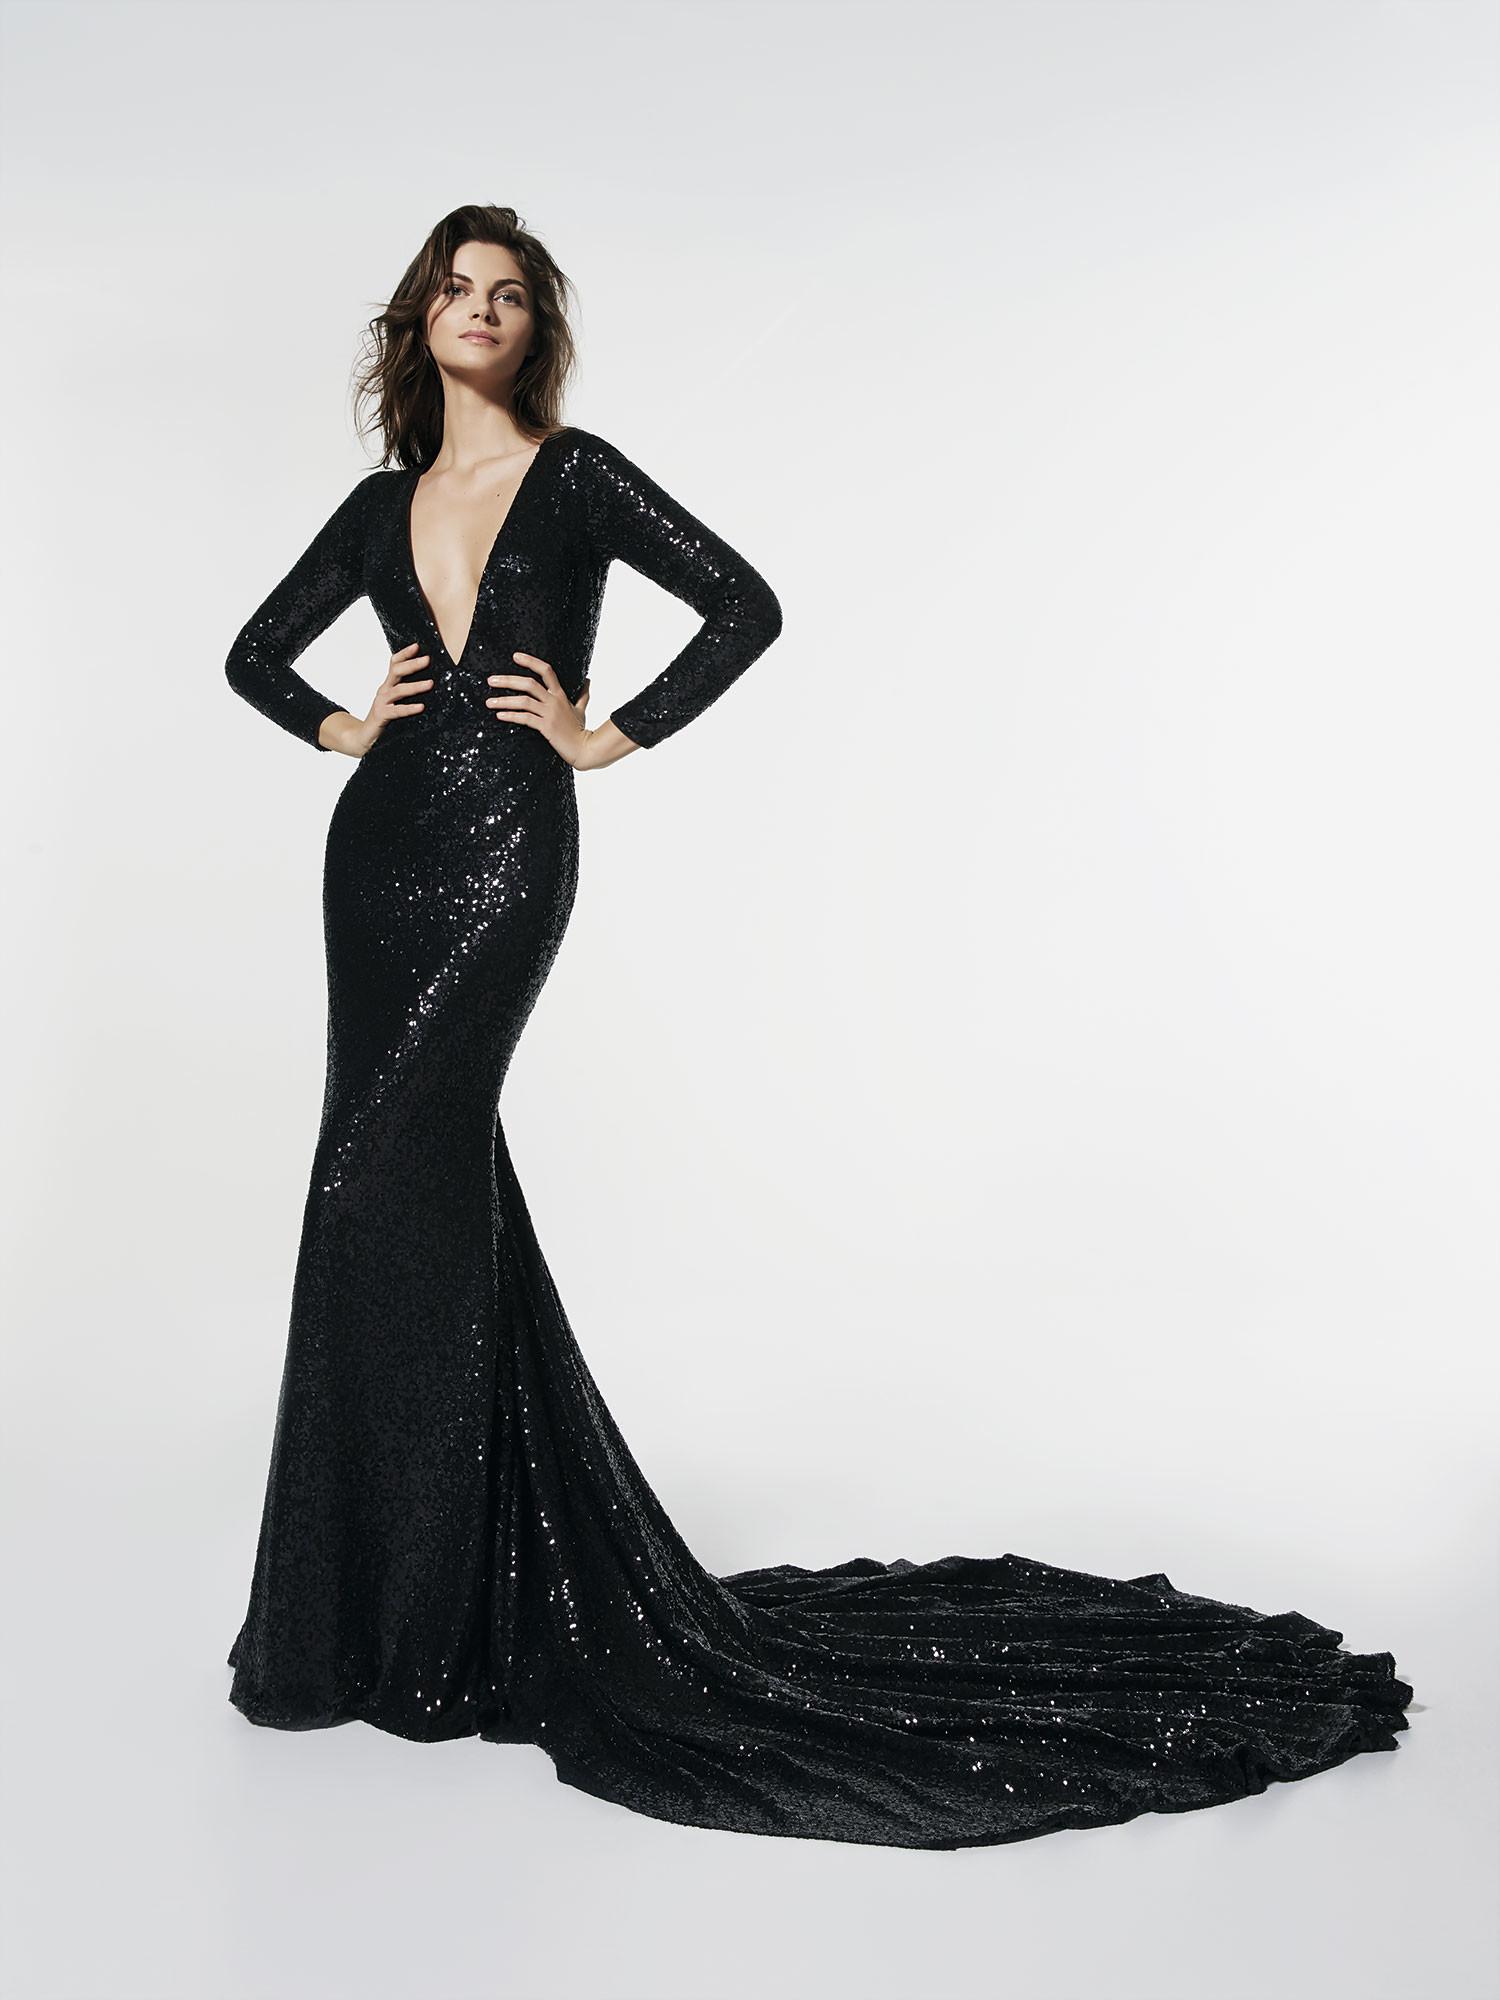 36a93ad6b7 Ya está aquí la colección de vestidos de fiesta de Pronovias 2018 ...